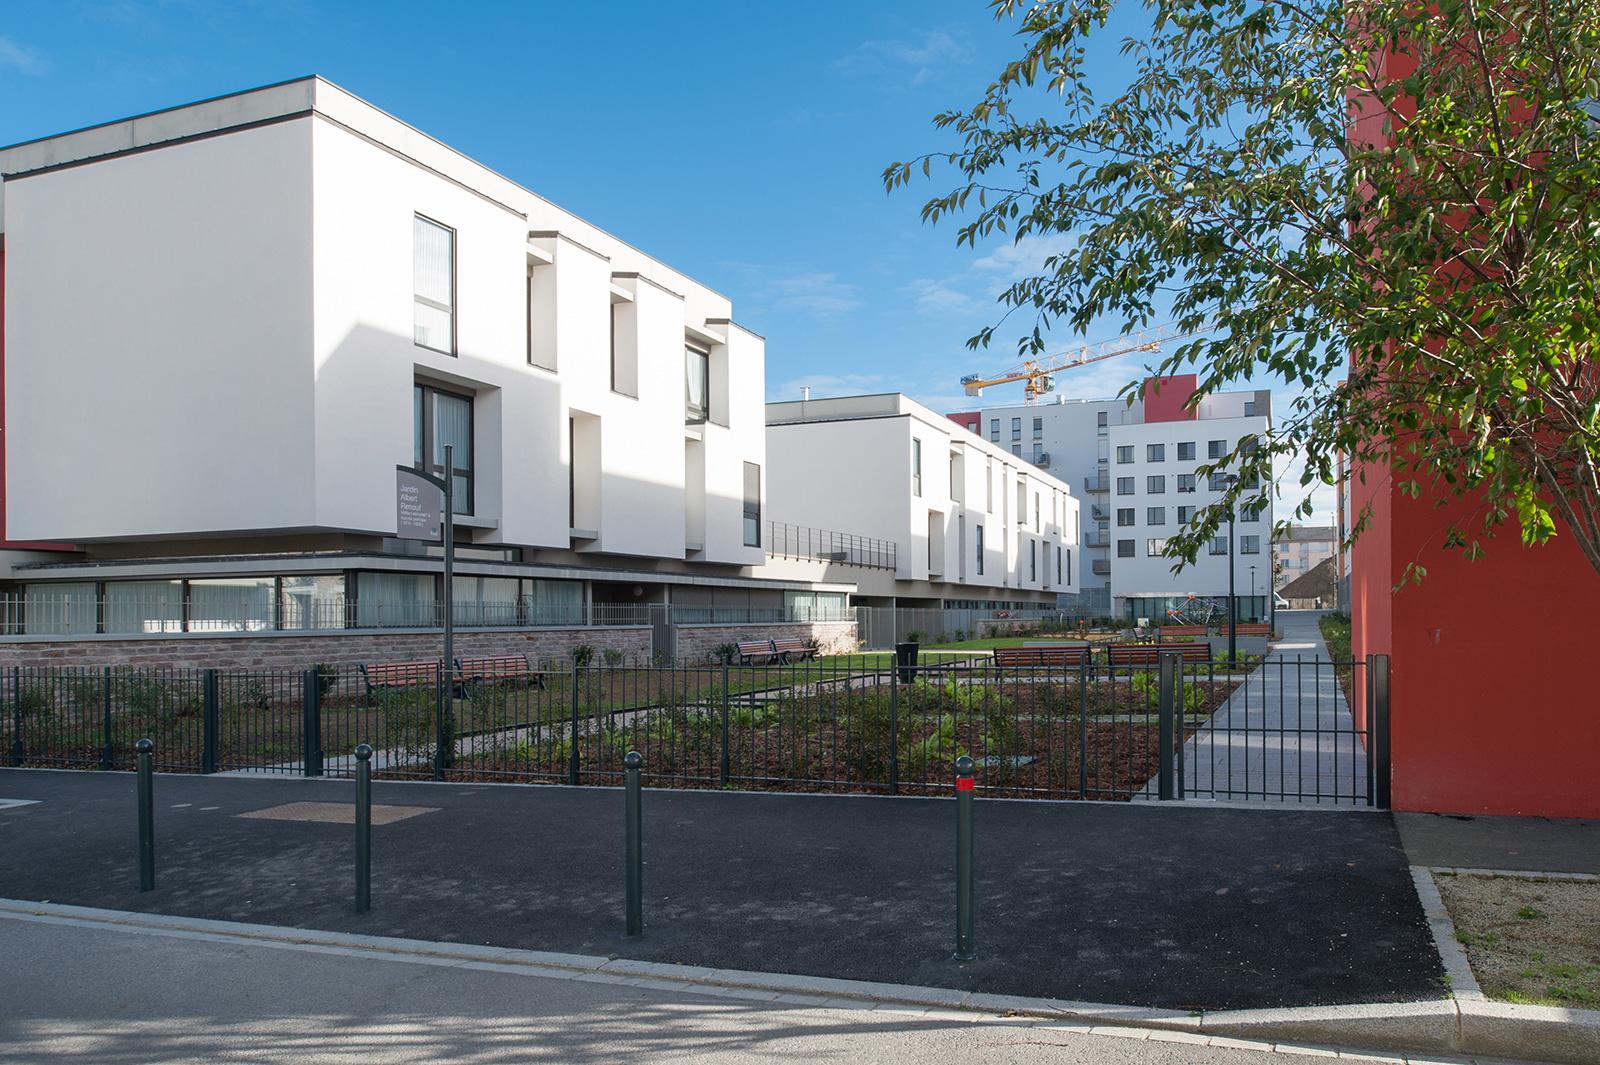 Le jardin public intérieur – architectes pqh2 (à gauche), Dunet (à droite), xxx au fond